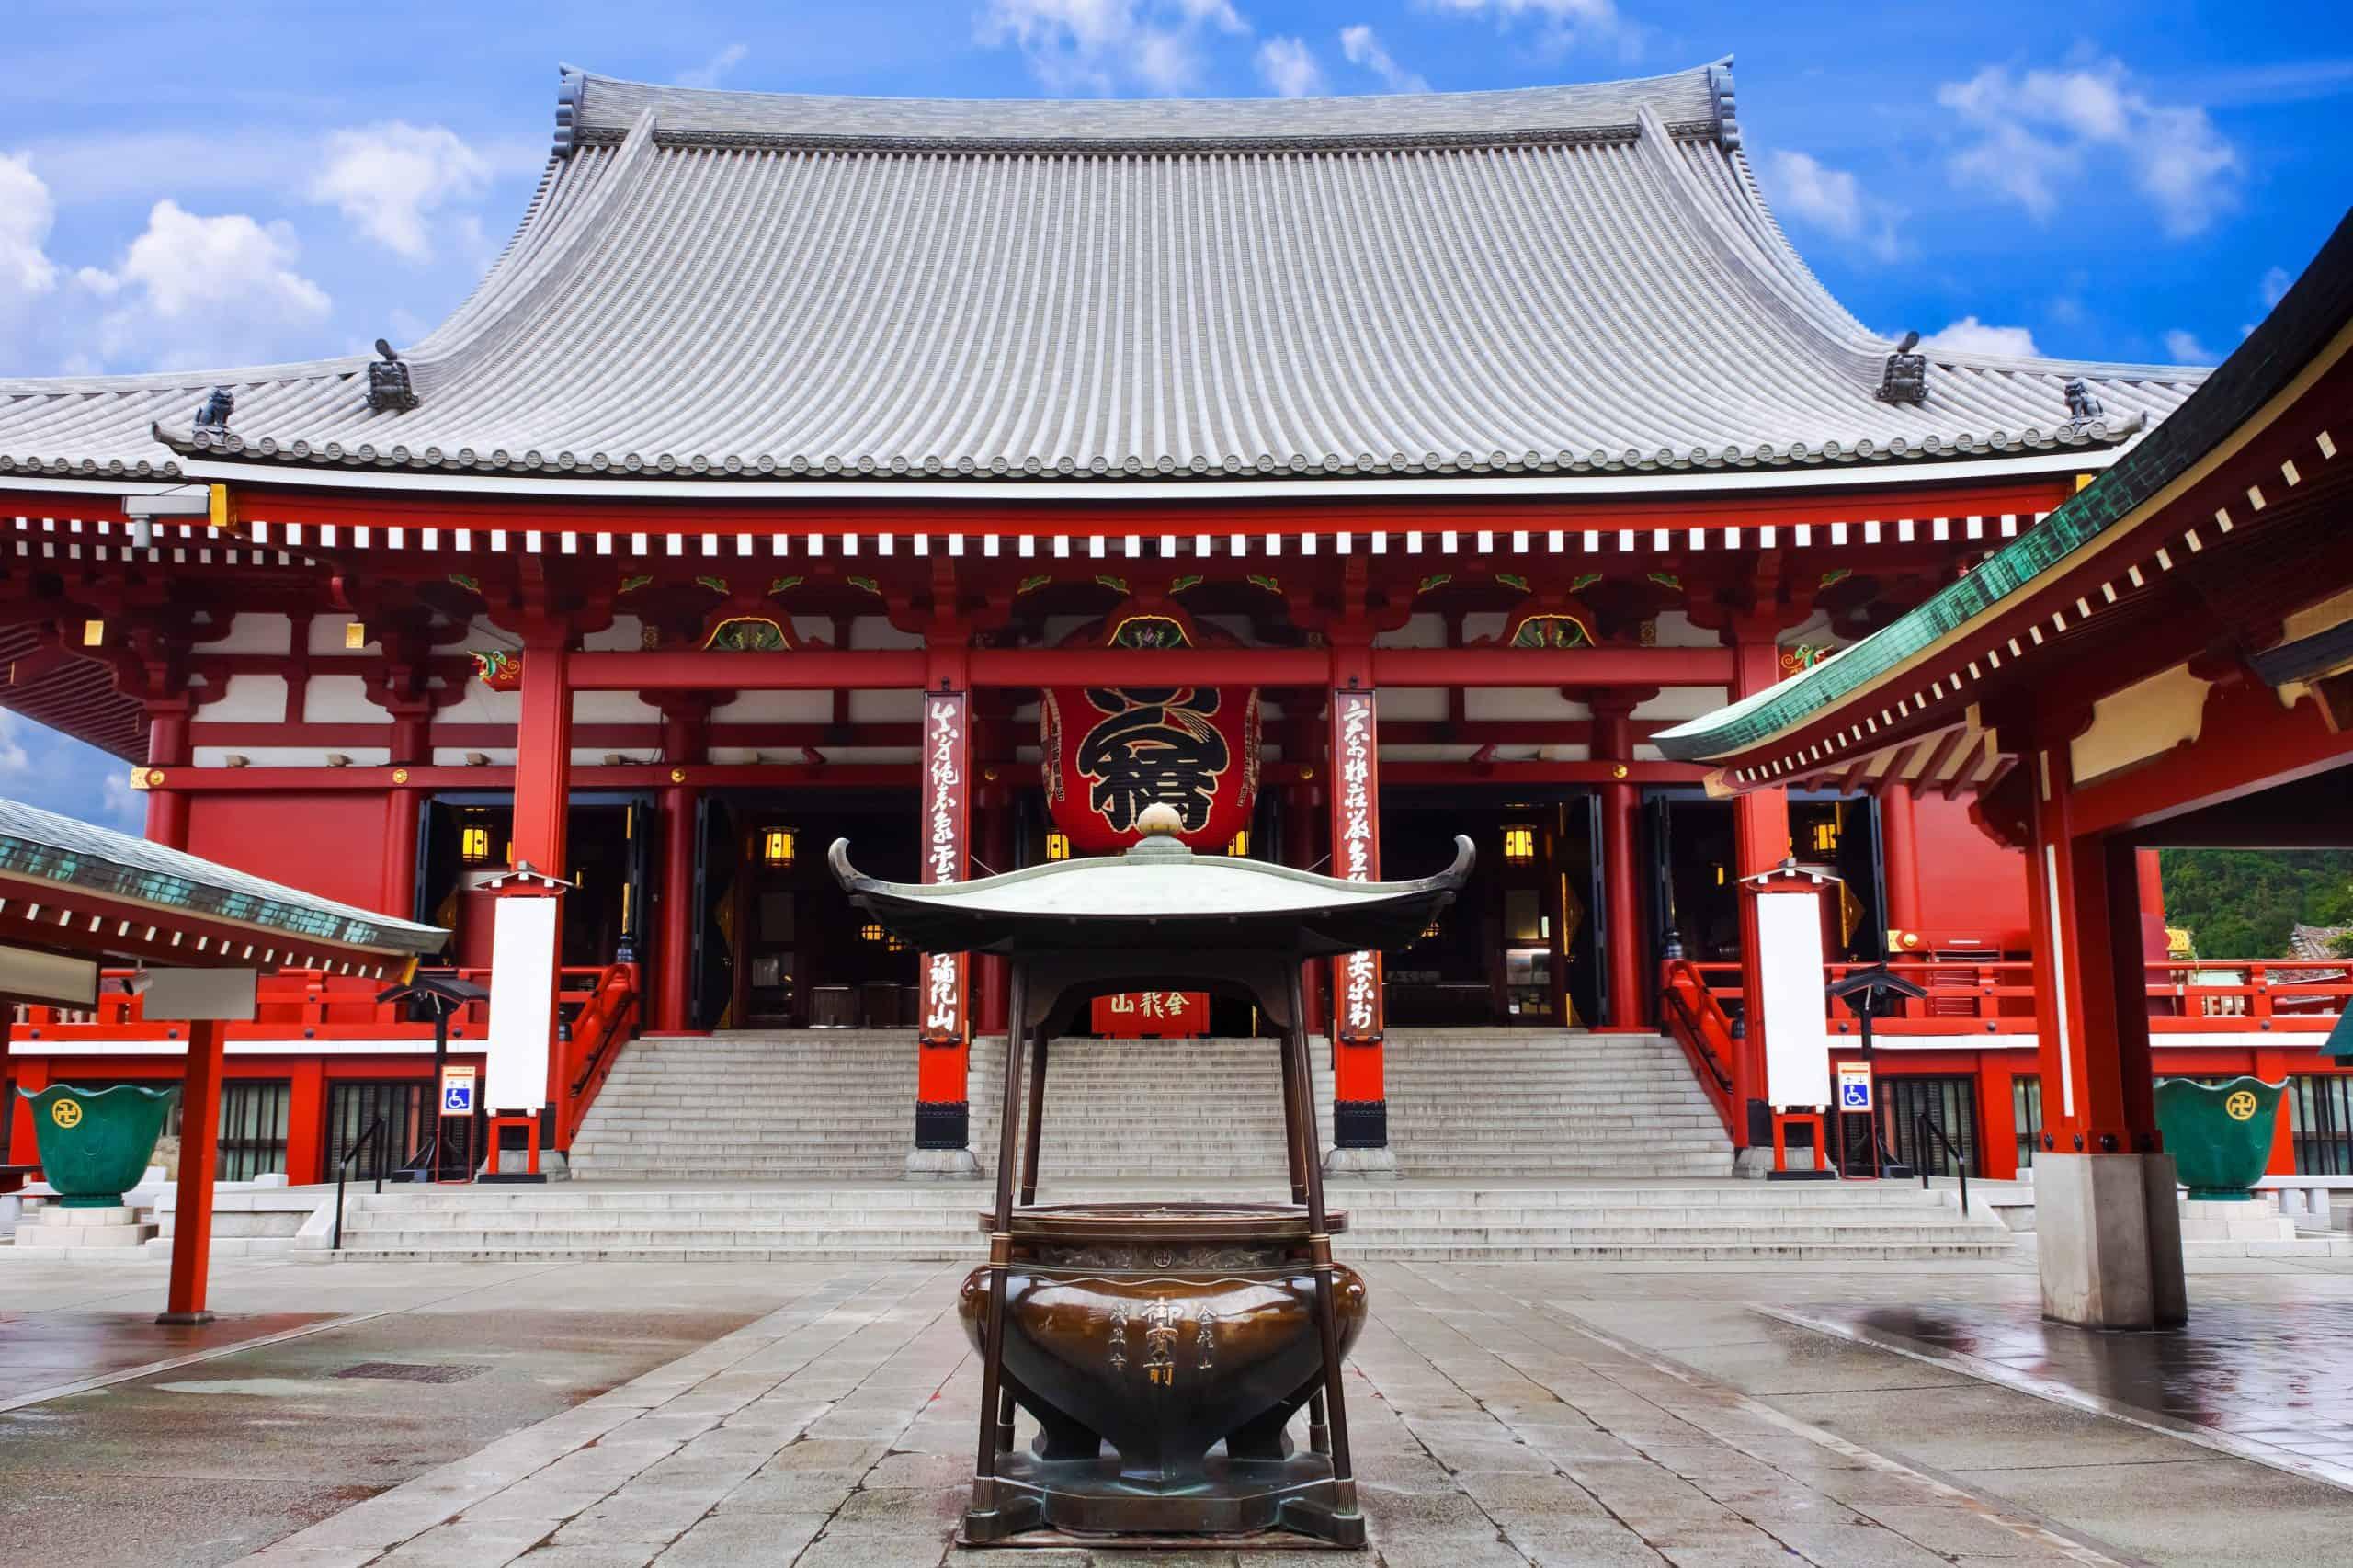 Landmark in Japan